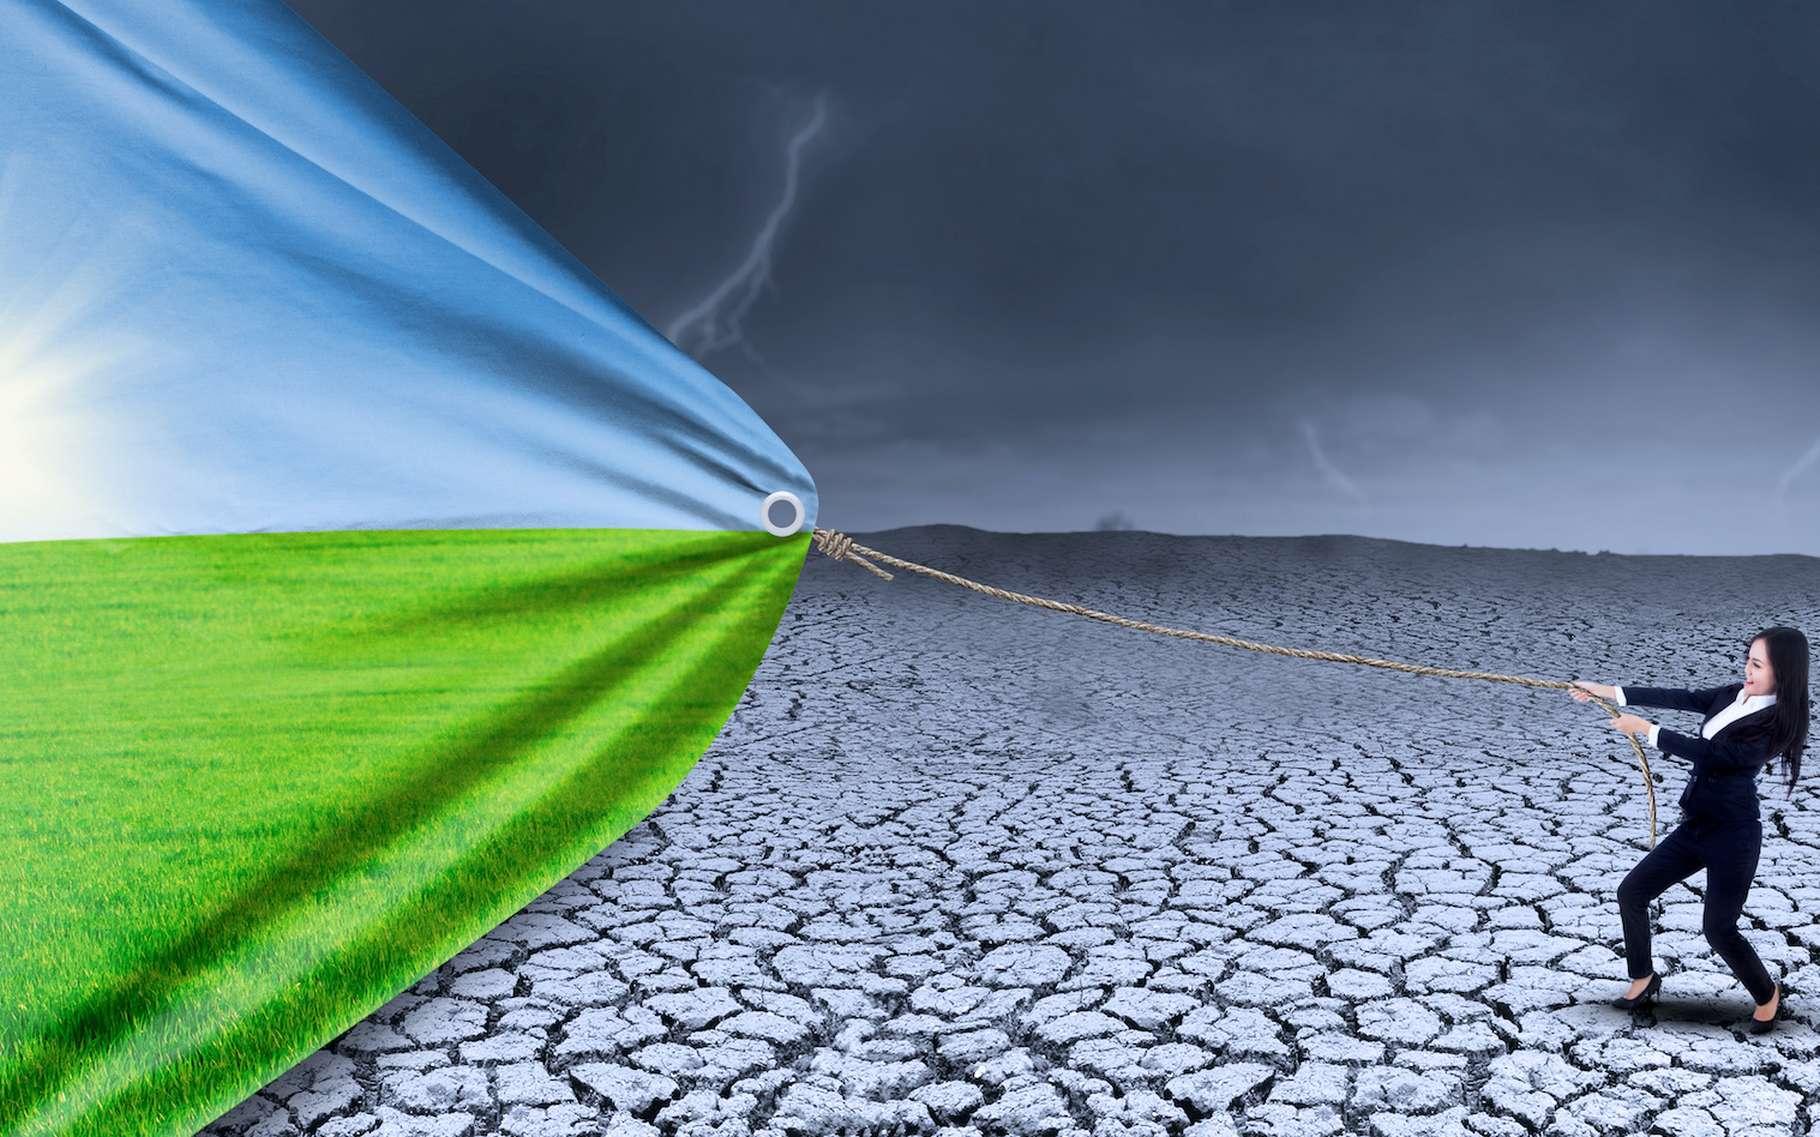 Un an pour atteindre la neutralité carbone. C'est le défi lancé par une petite équipe réunie autour de conférences écologie organisée par le groupe scout de France de Munich (Allemagne). © Creativa Images, Adobe Stock